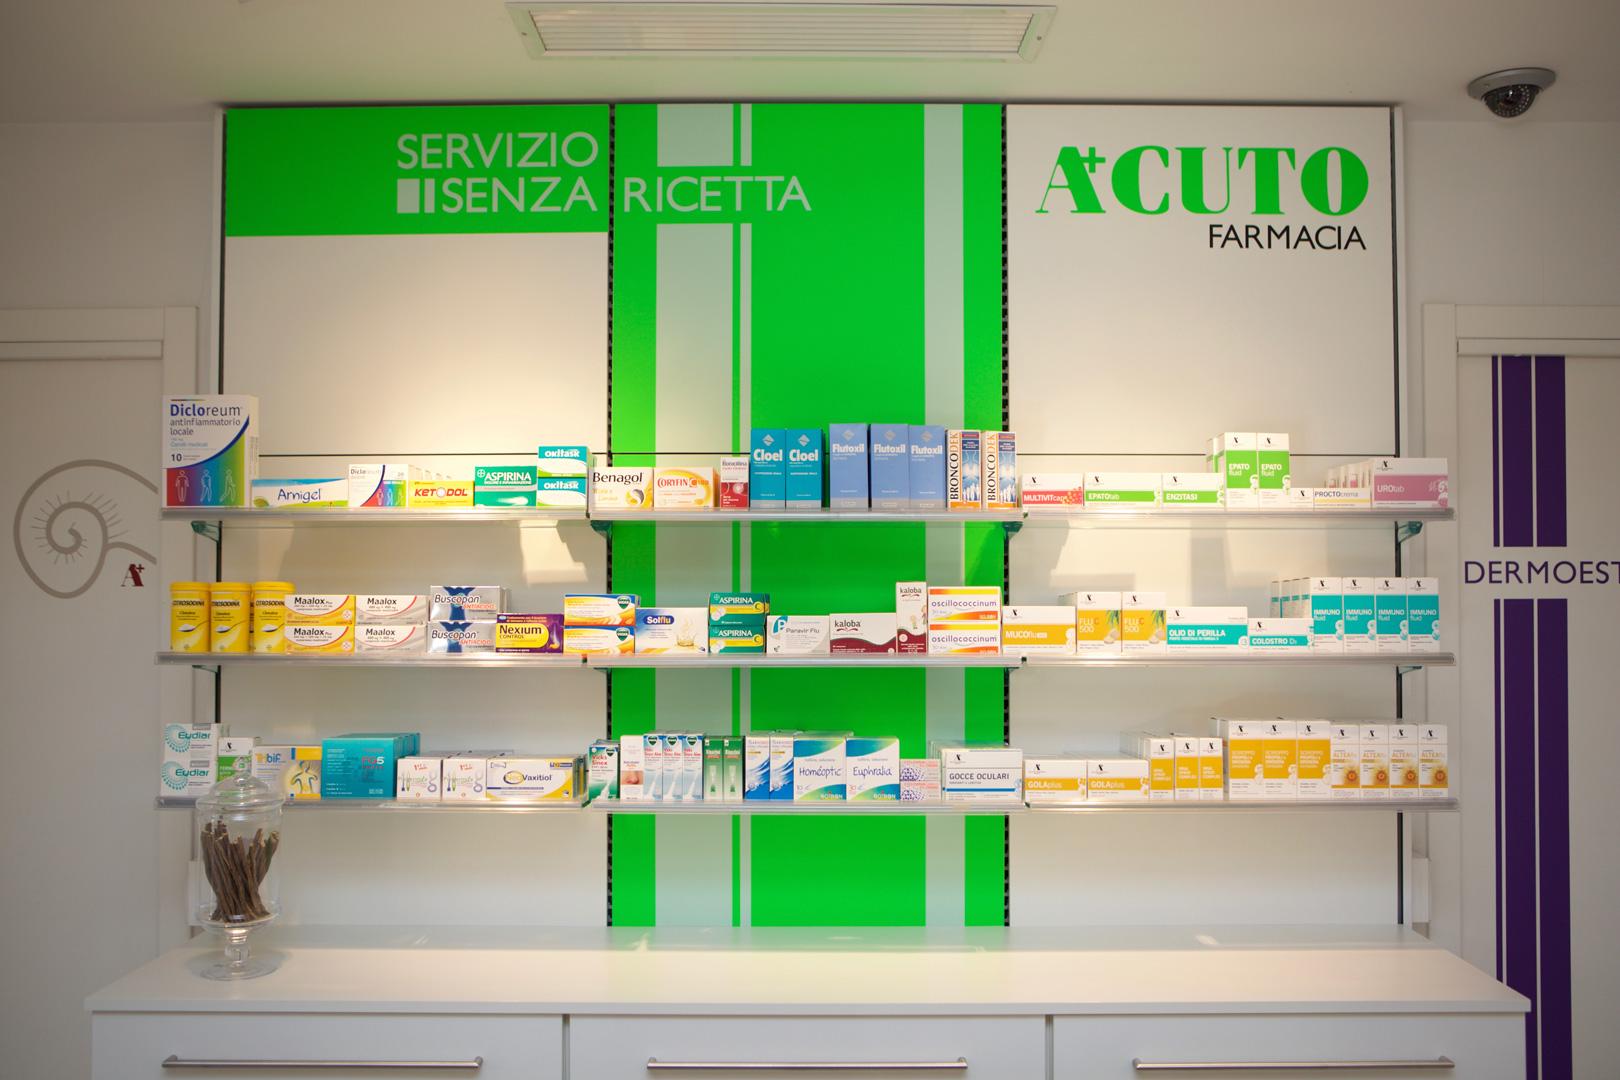 Farmacia Acuto - Servizio senza ricetta